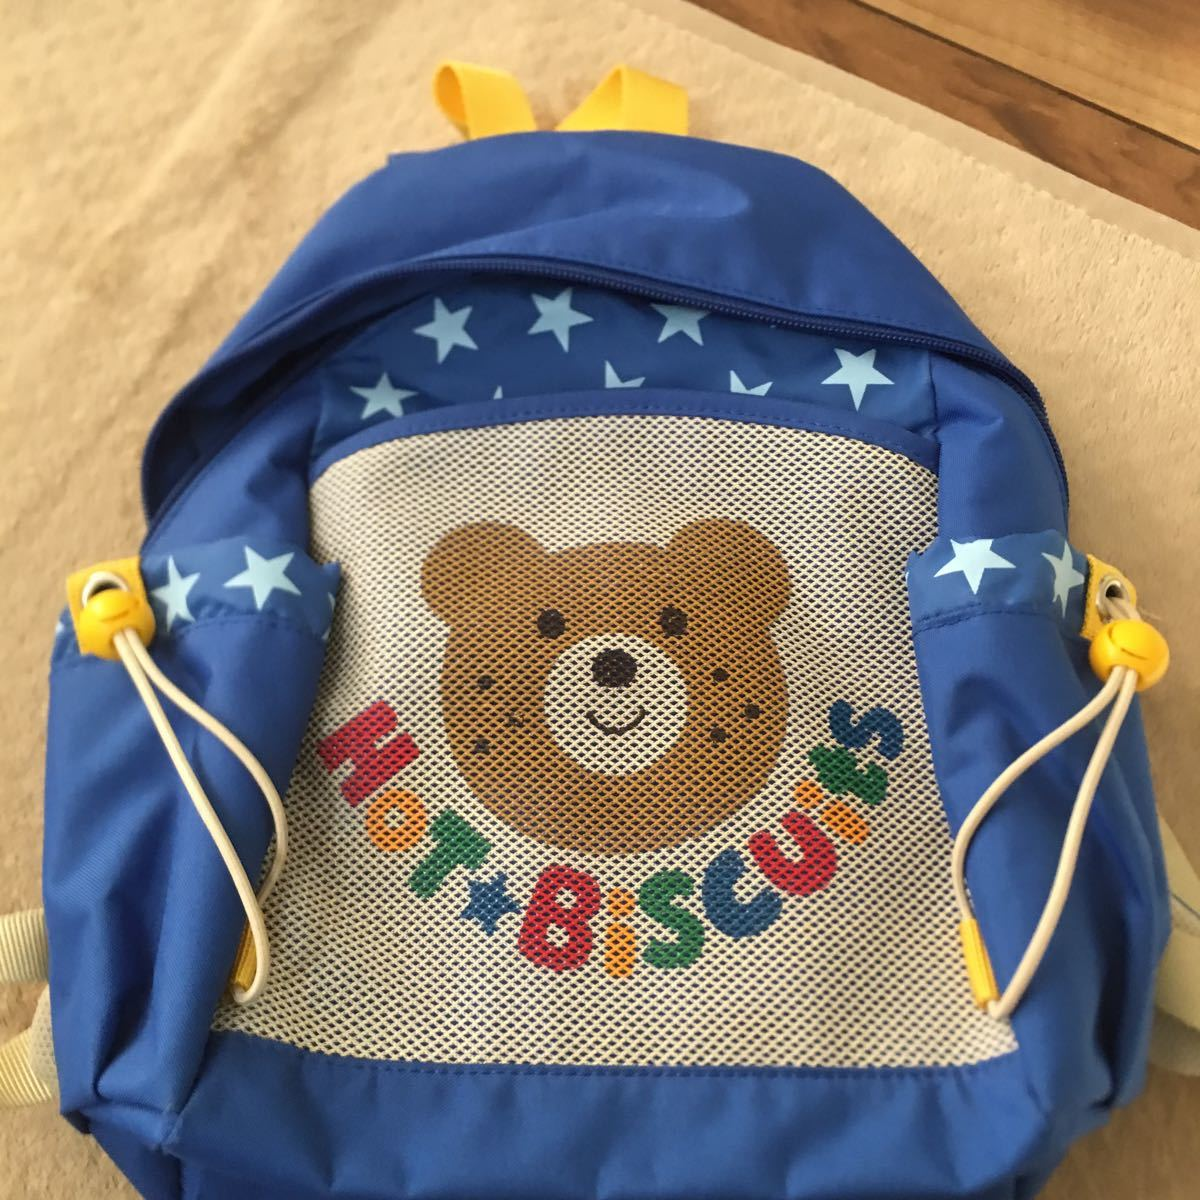 ミキハウス リュックサック 男の子 B級品 ホット ビスケッツ クマ 子供用 鞄 リュック_画像1